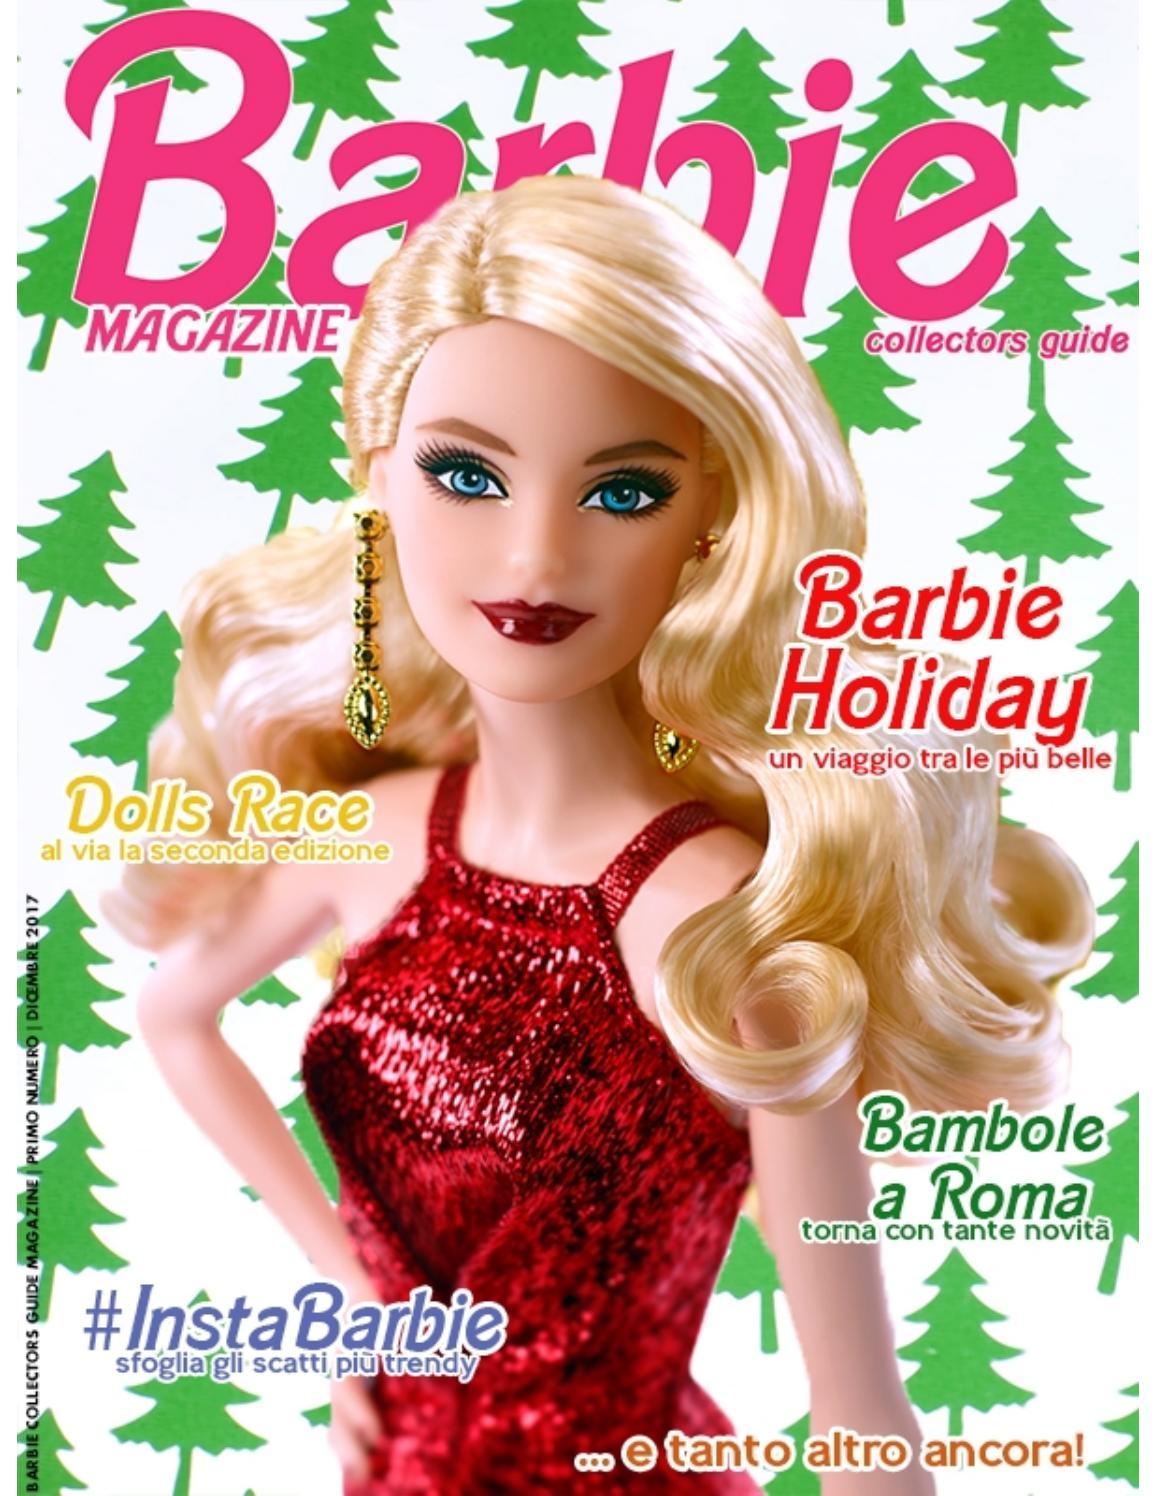 пошли картинки кукольных журналов часто